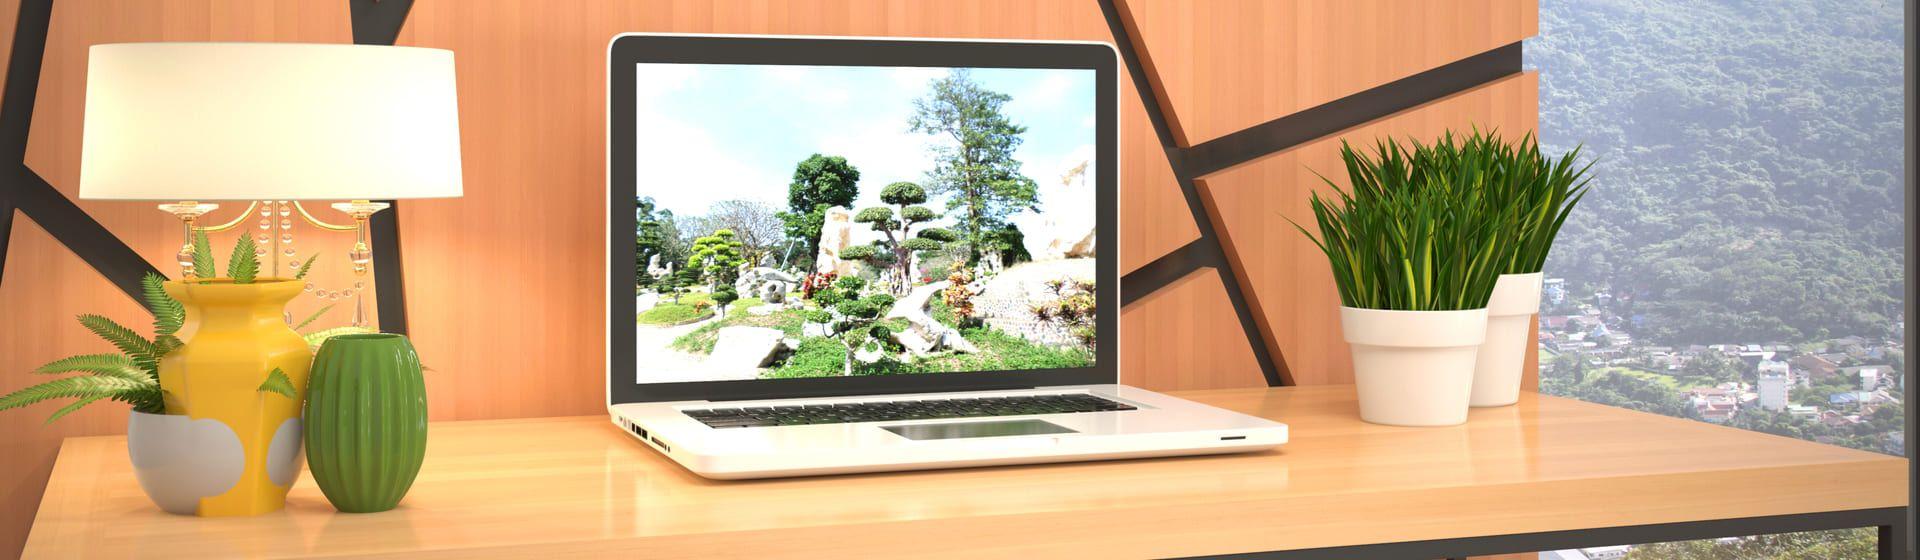 Novos MacBooks Pro devem ter MagSafe de volta, aponta rumor